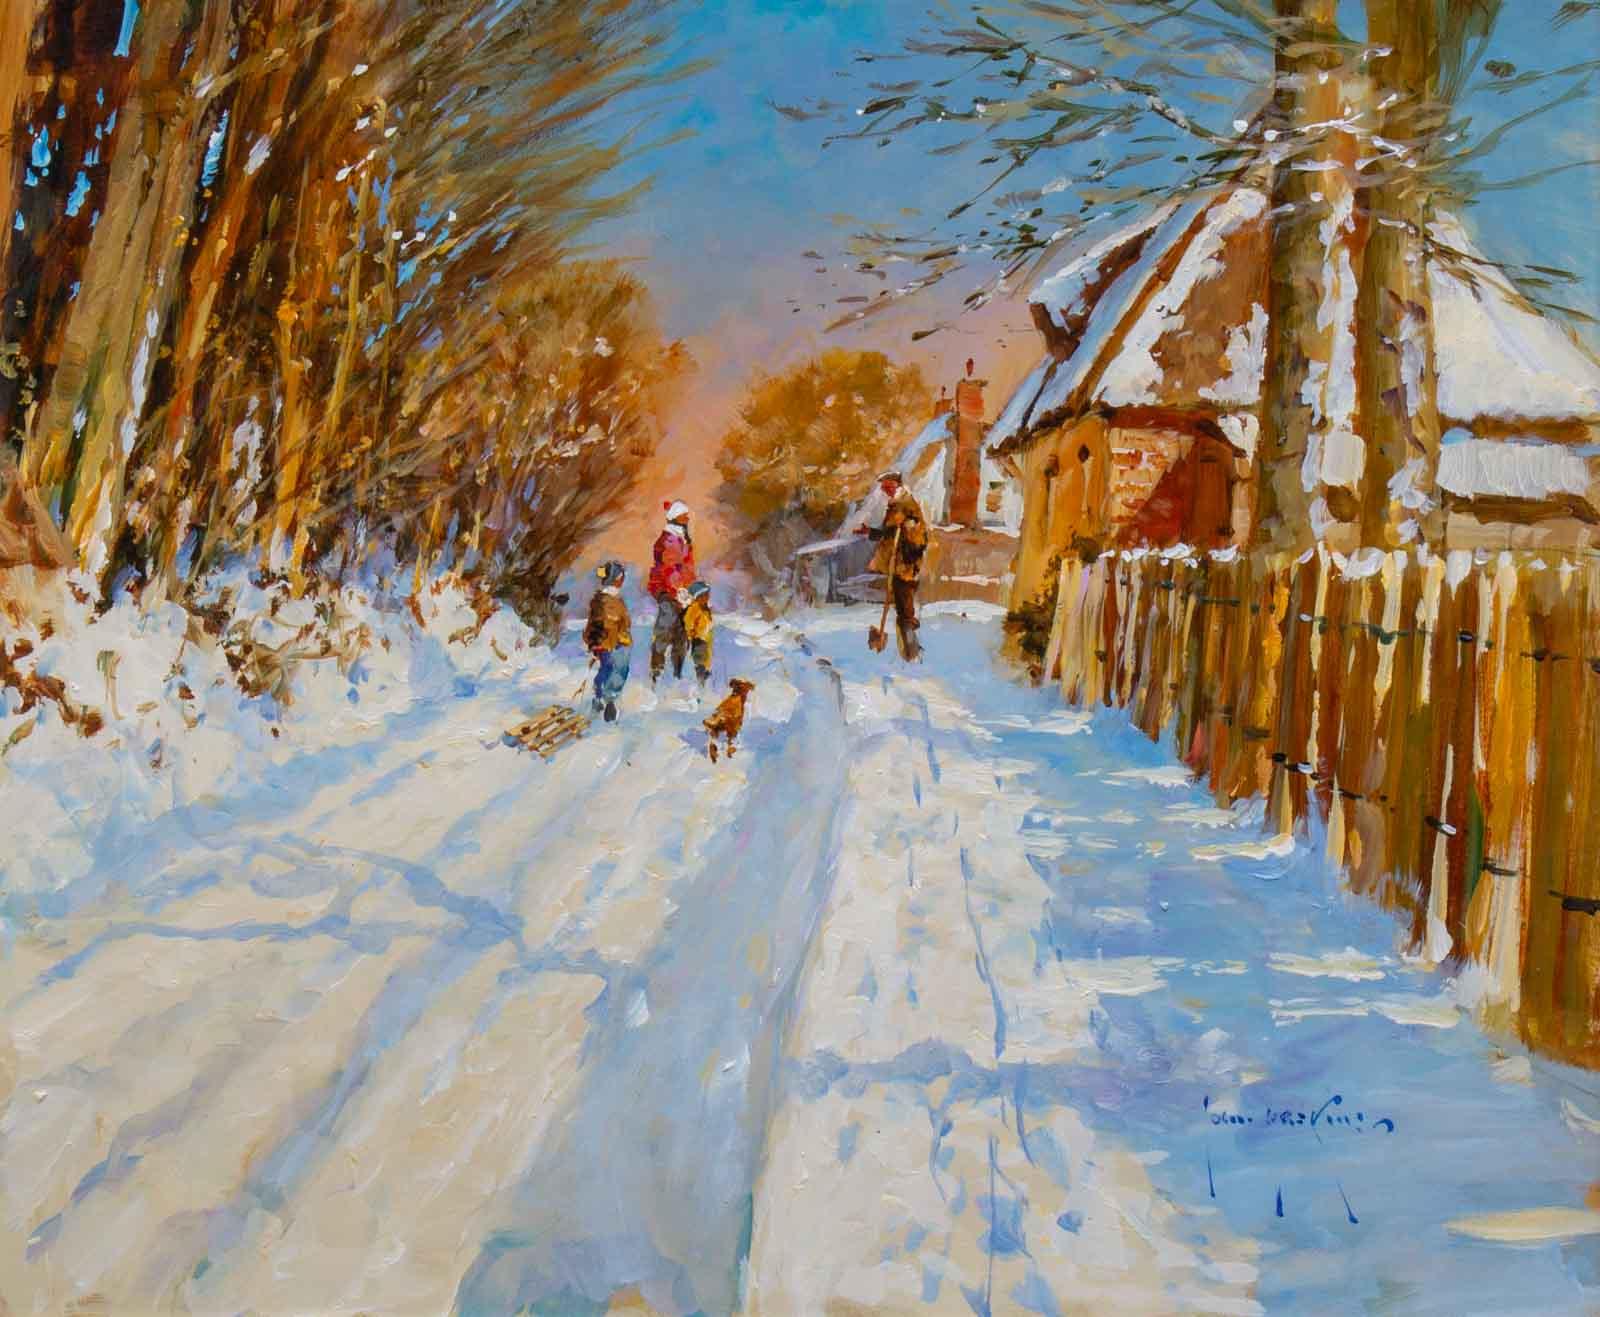 Snowfall, Church Lane